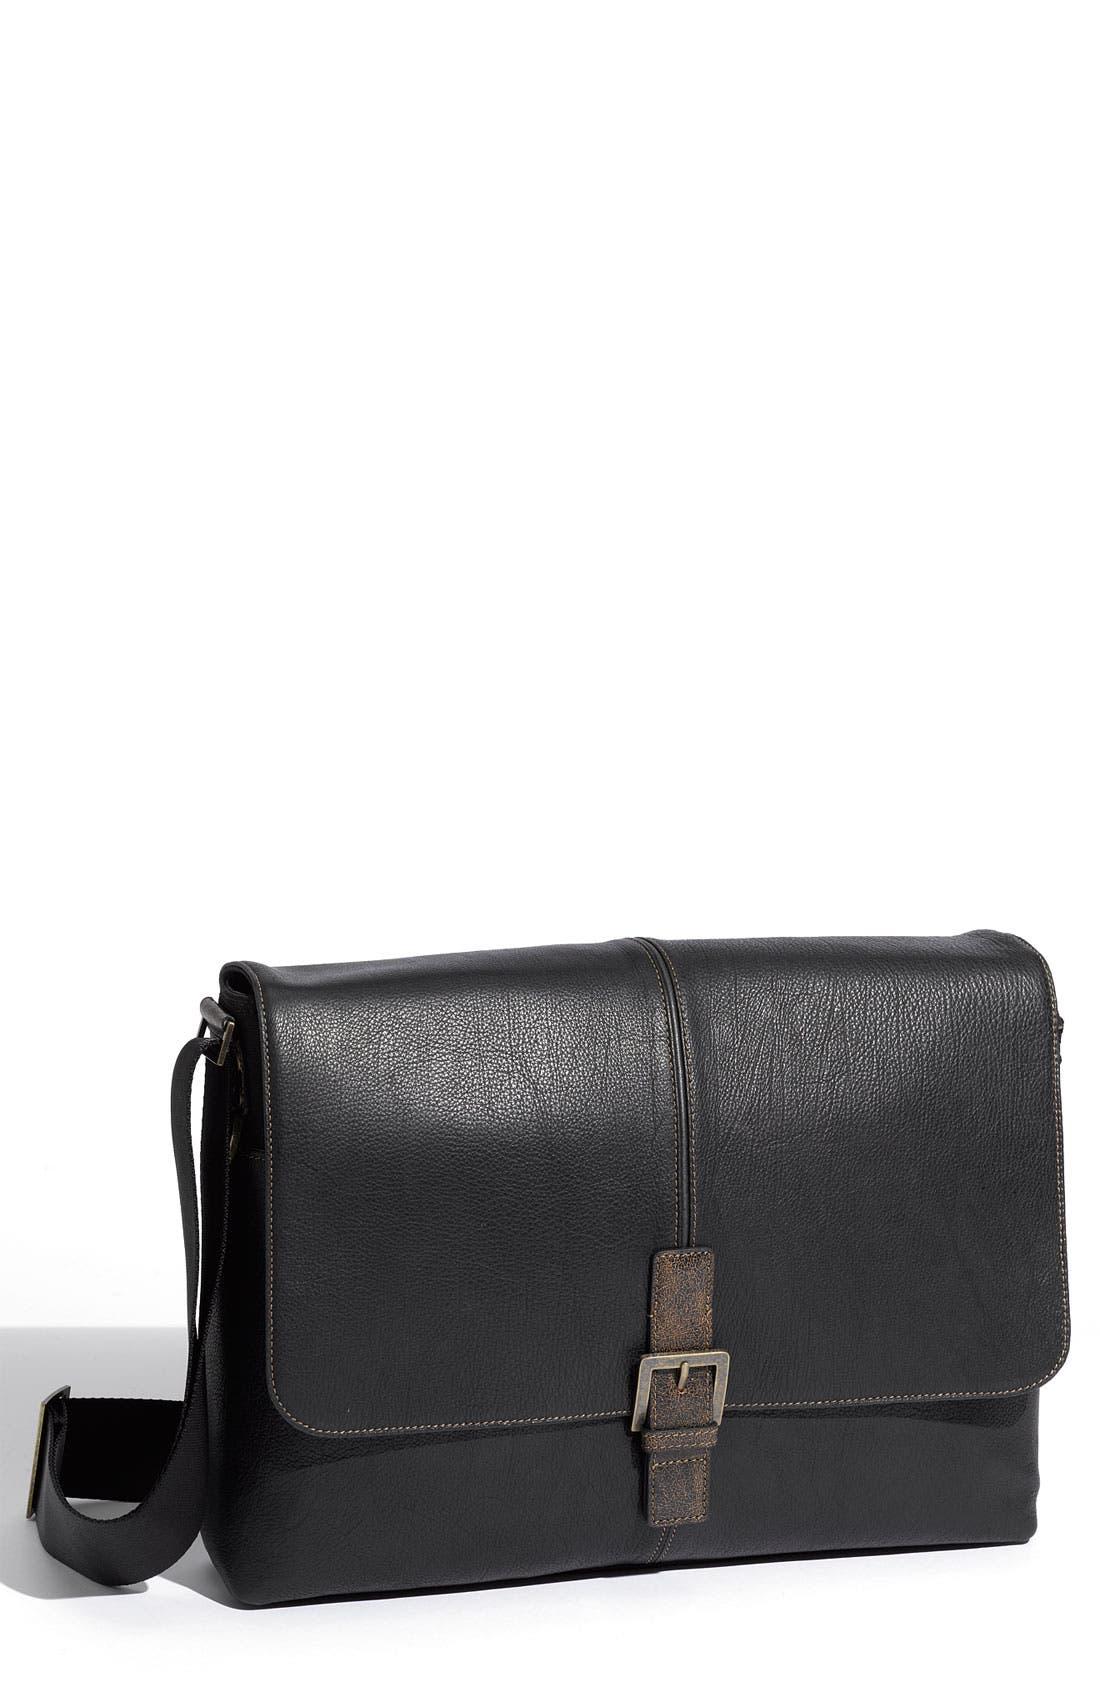 Alternate Image 1 Selected - Boconi Leather Messenger Bag